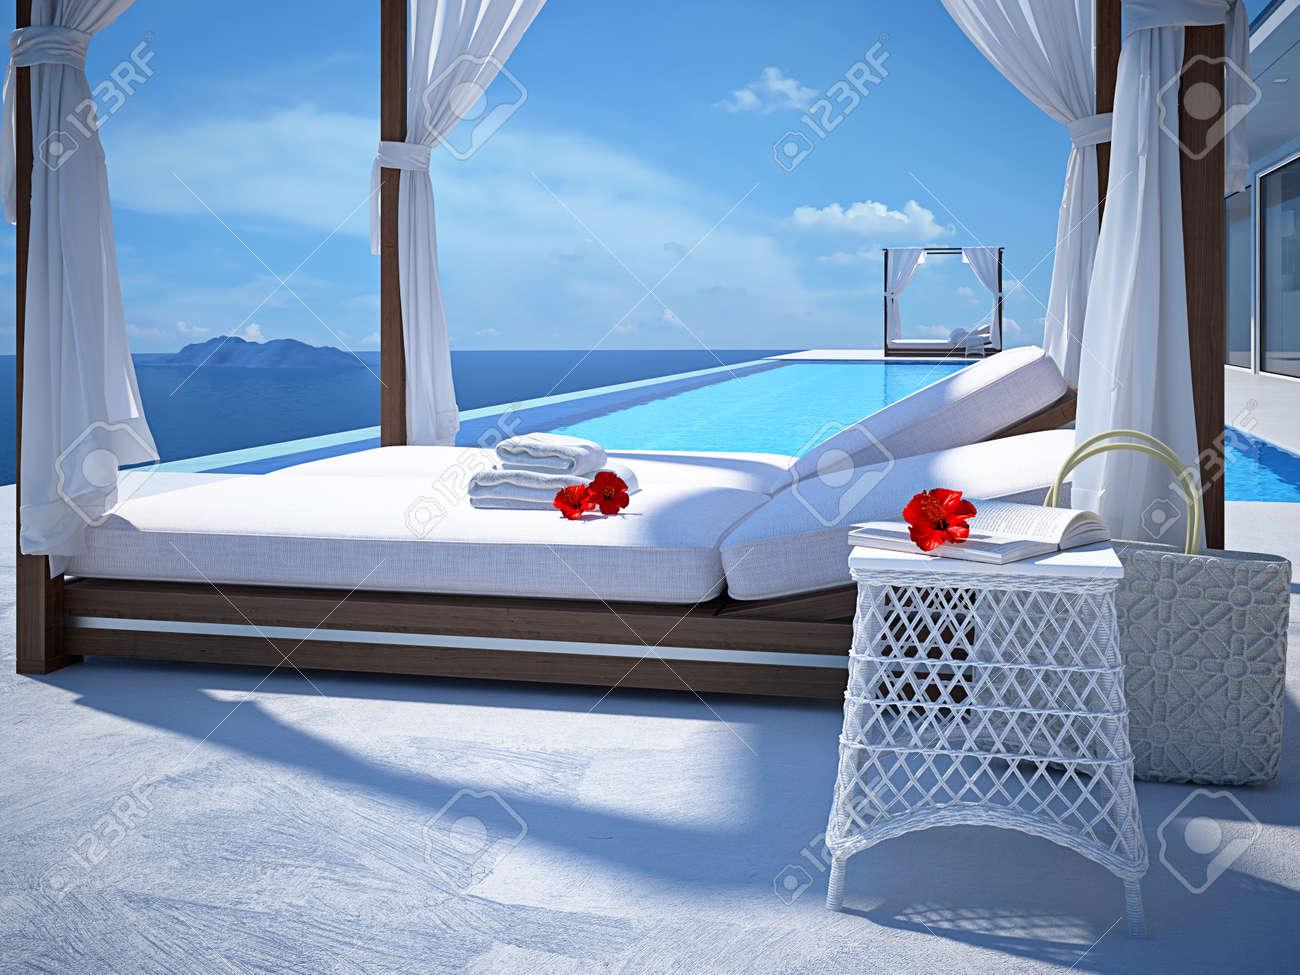 luxury swimming pool in summer. 3d rendering - 58784351